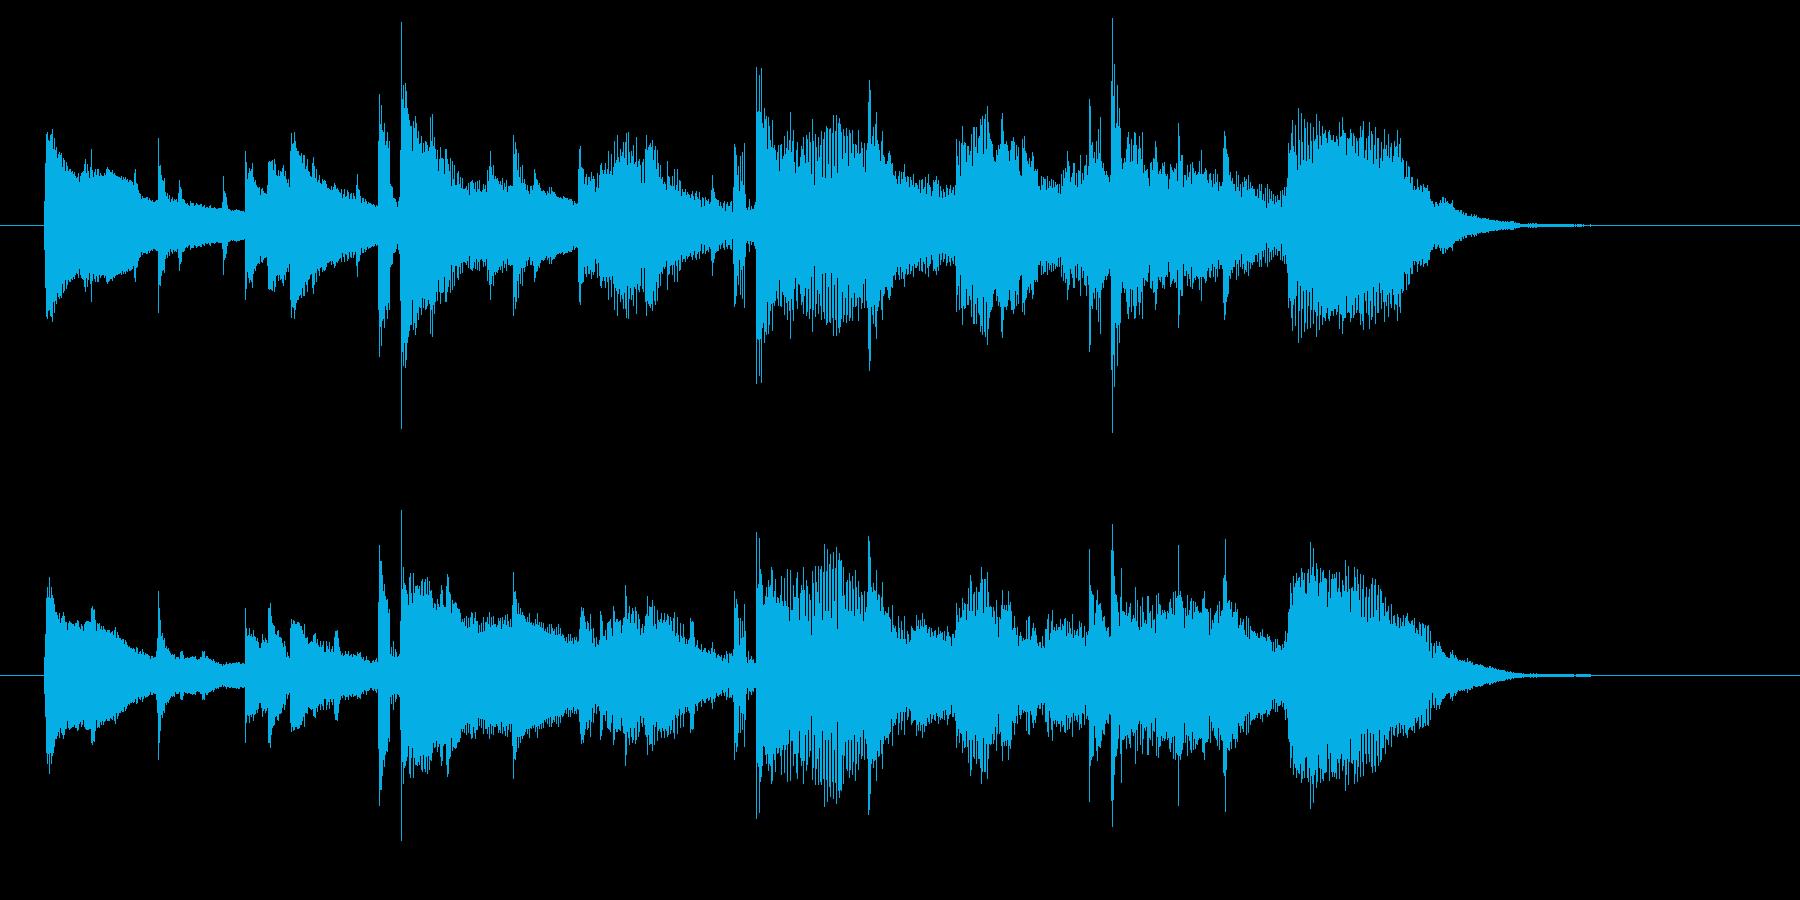 ストリングスがドラマチックな楽曲の再生済みの波形